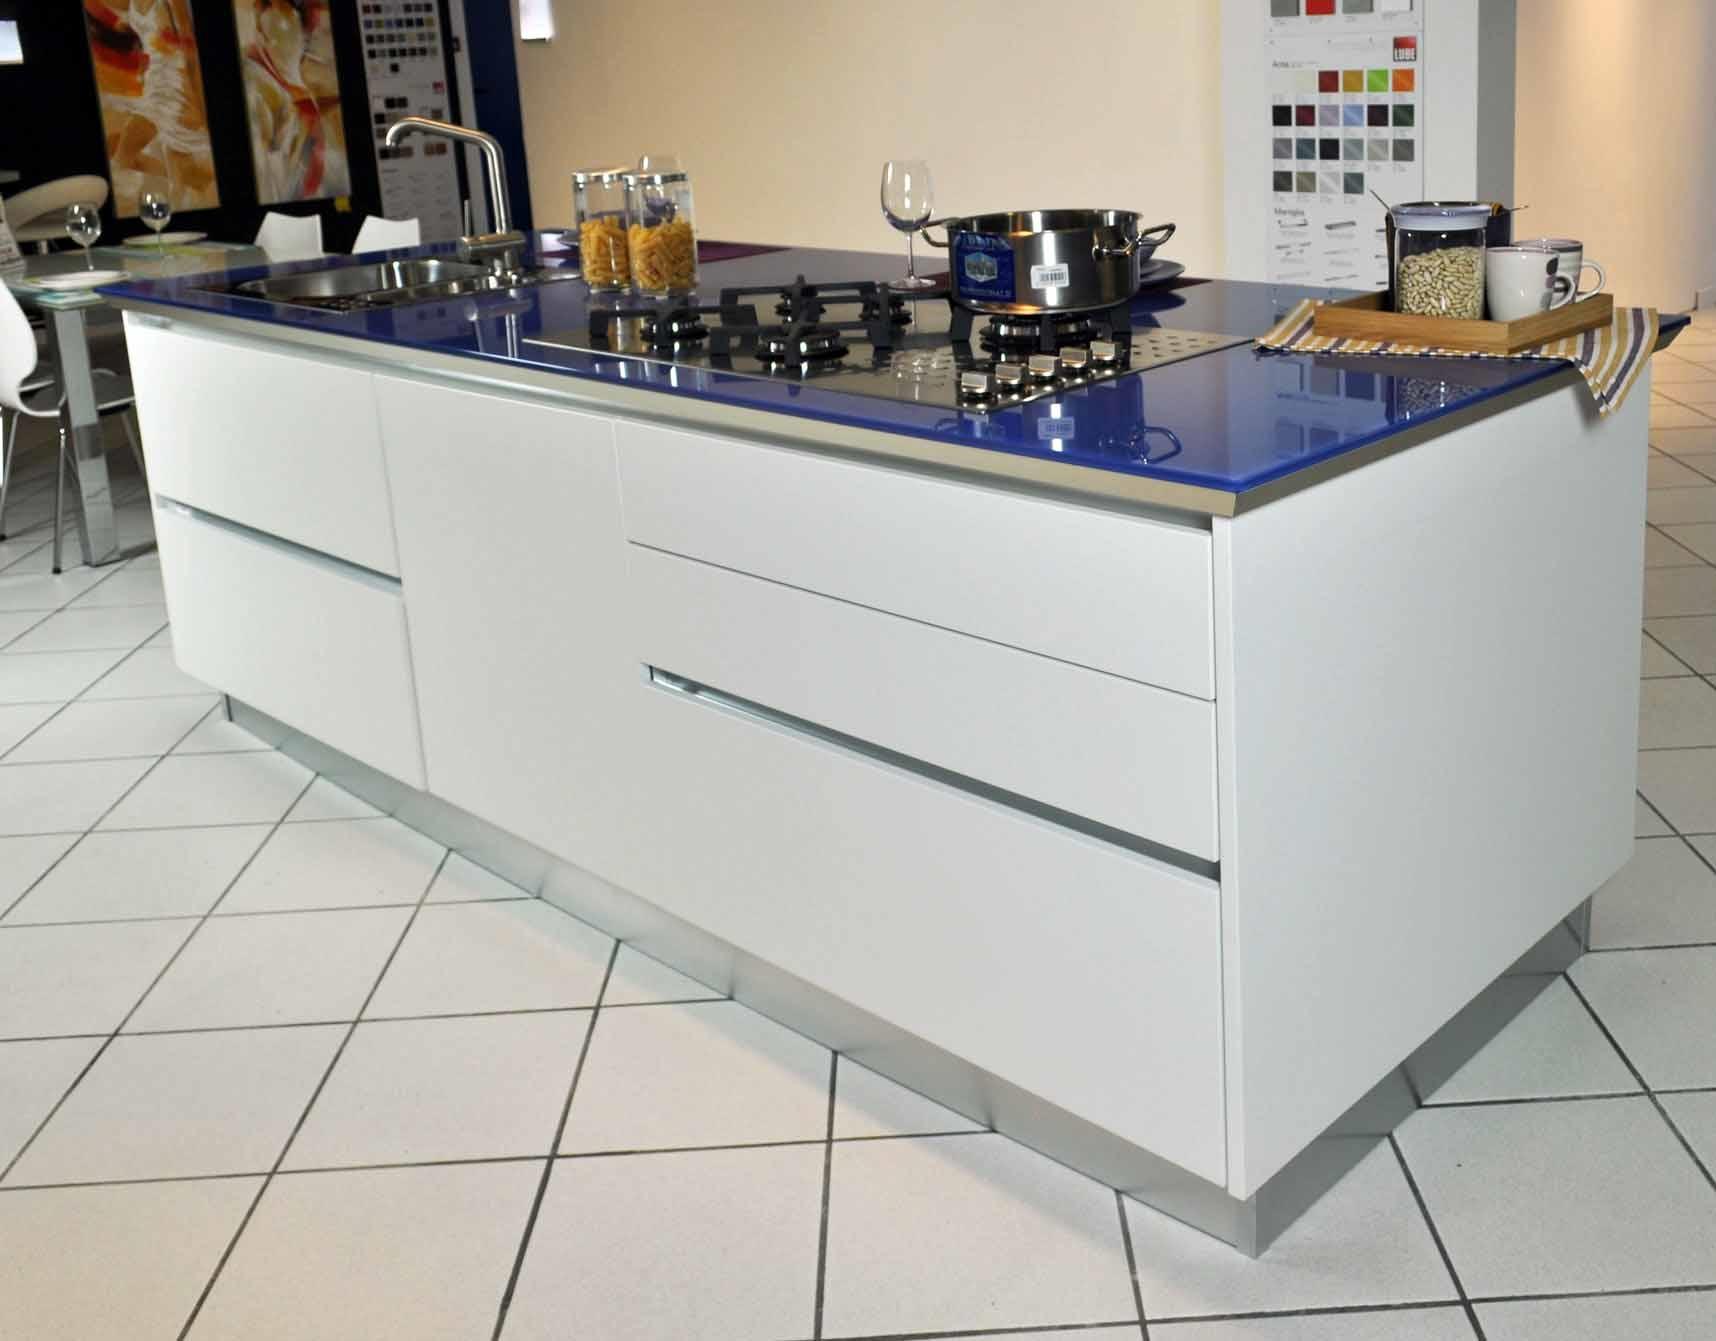 Cucina lube brava ad isola completa di elettrodomestici in - Cucine moderne con isola lube ...